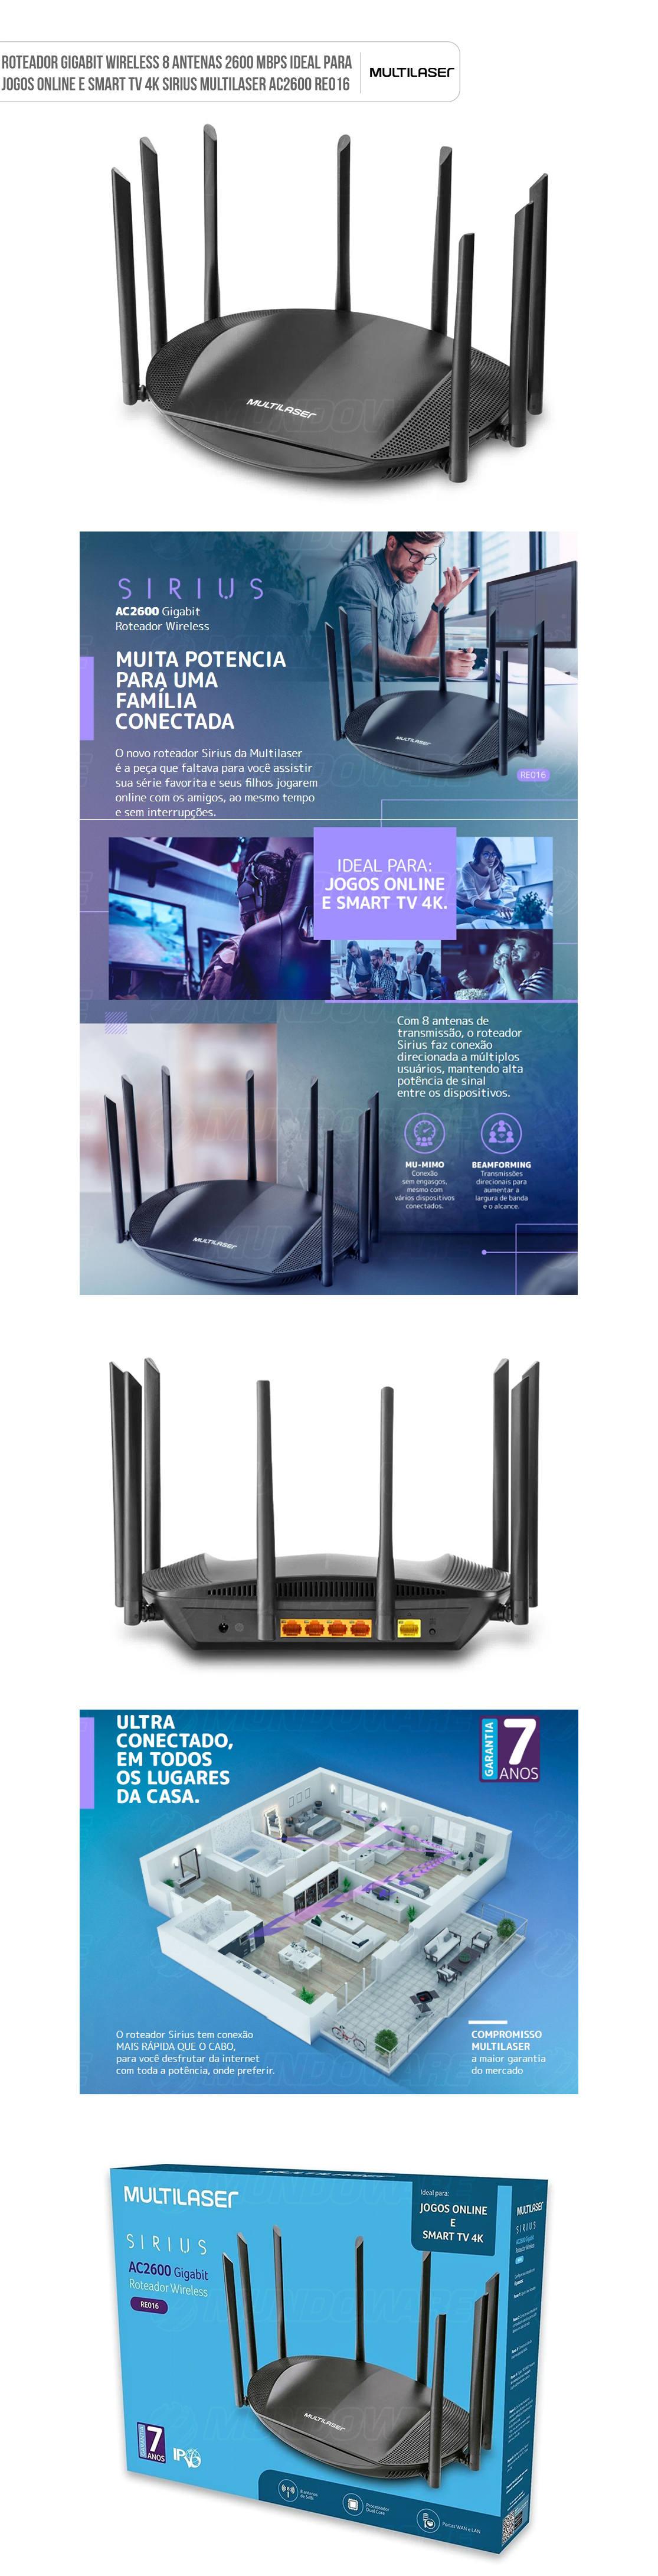 Roteador Wireless 8 Antenas 2600Mbps Gigabit Dual Band Ideal para Jogos Online e Smart TV 4K Sirius AC2600 Sem Fio REO16